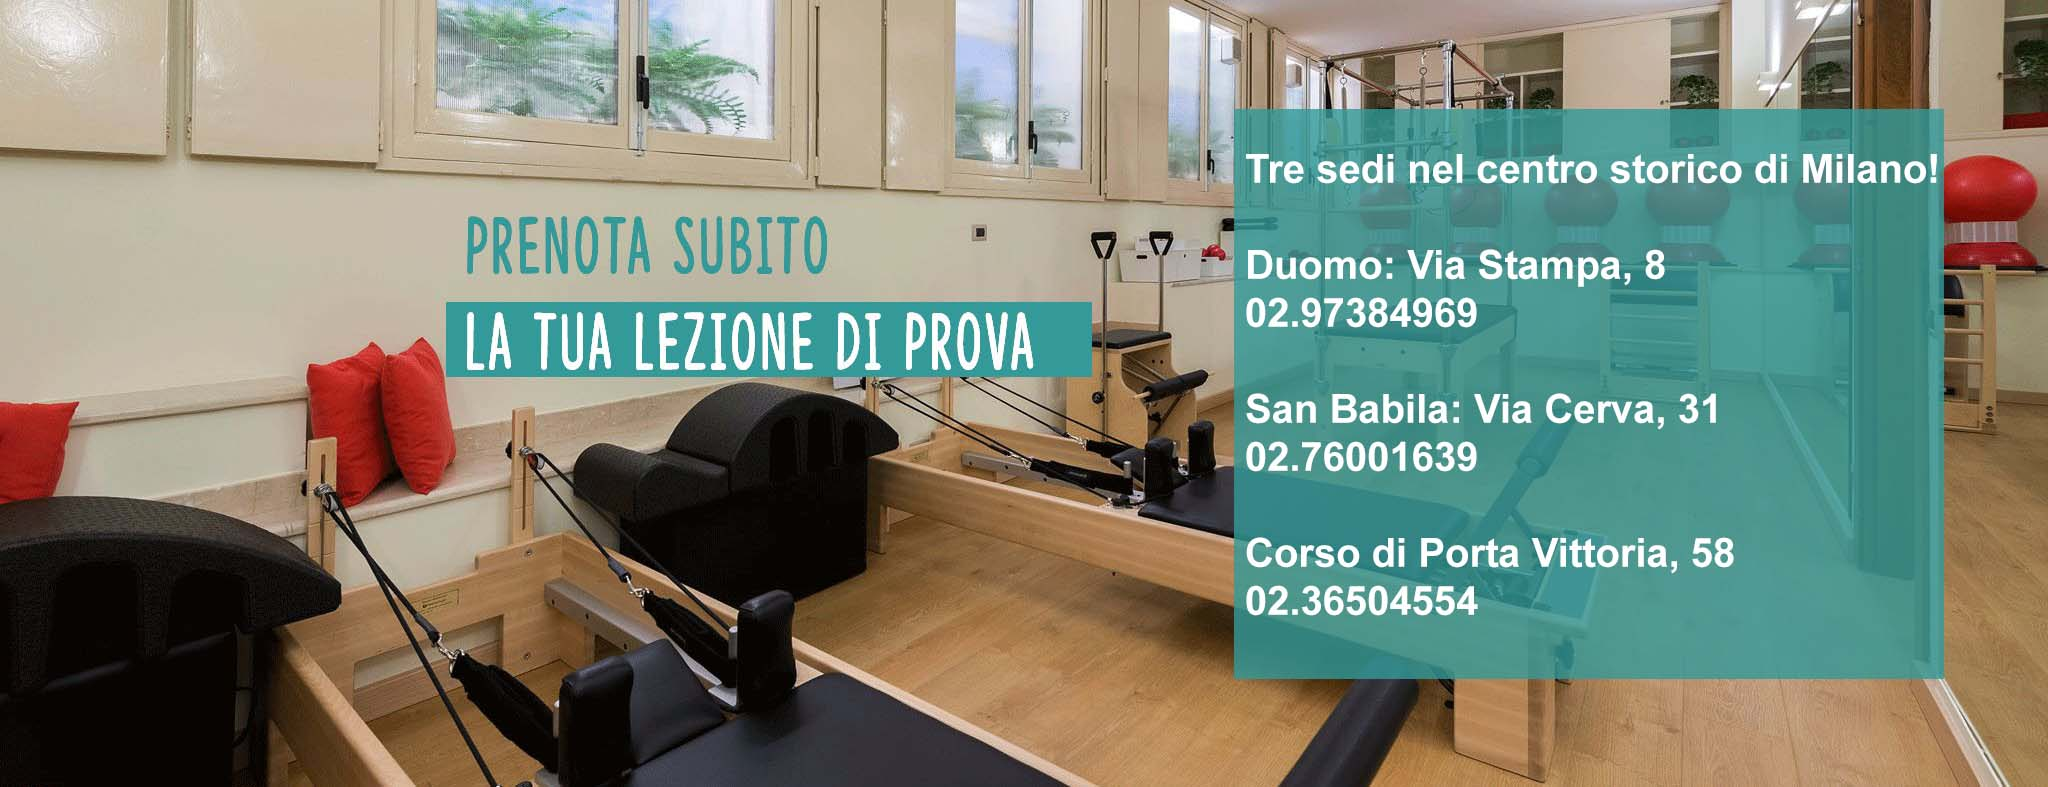 Pilates Pre Parto Centro Direzionale Milano - Prenota subito la tua lezione di prova